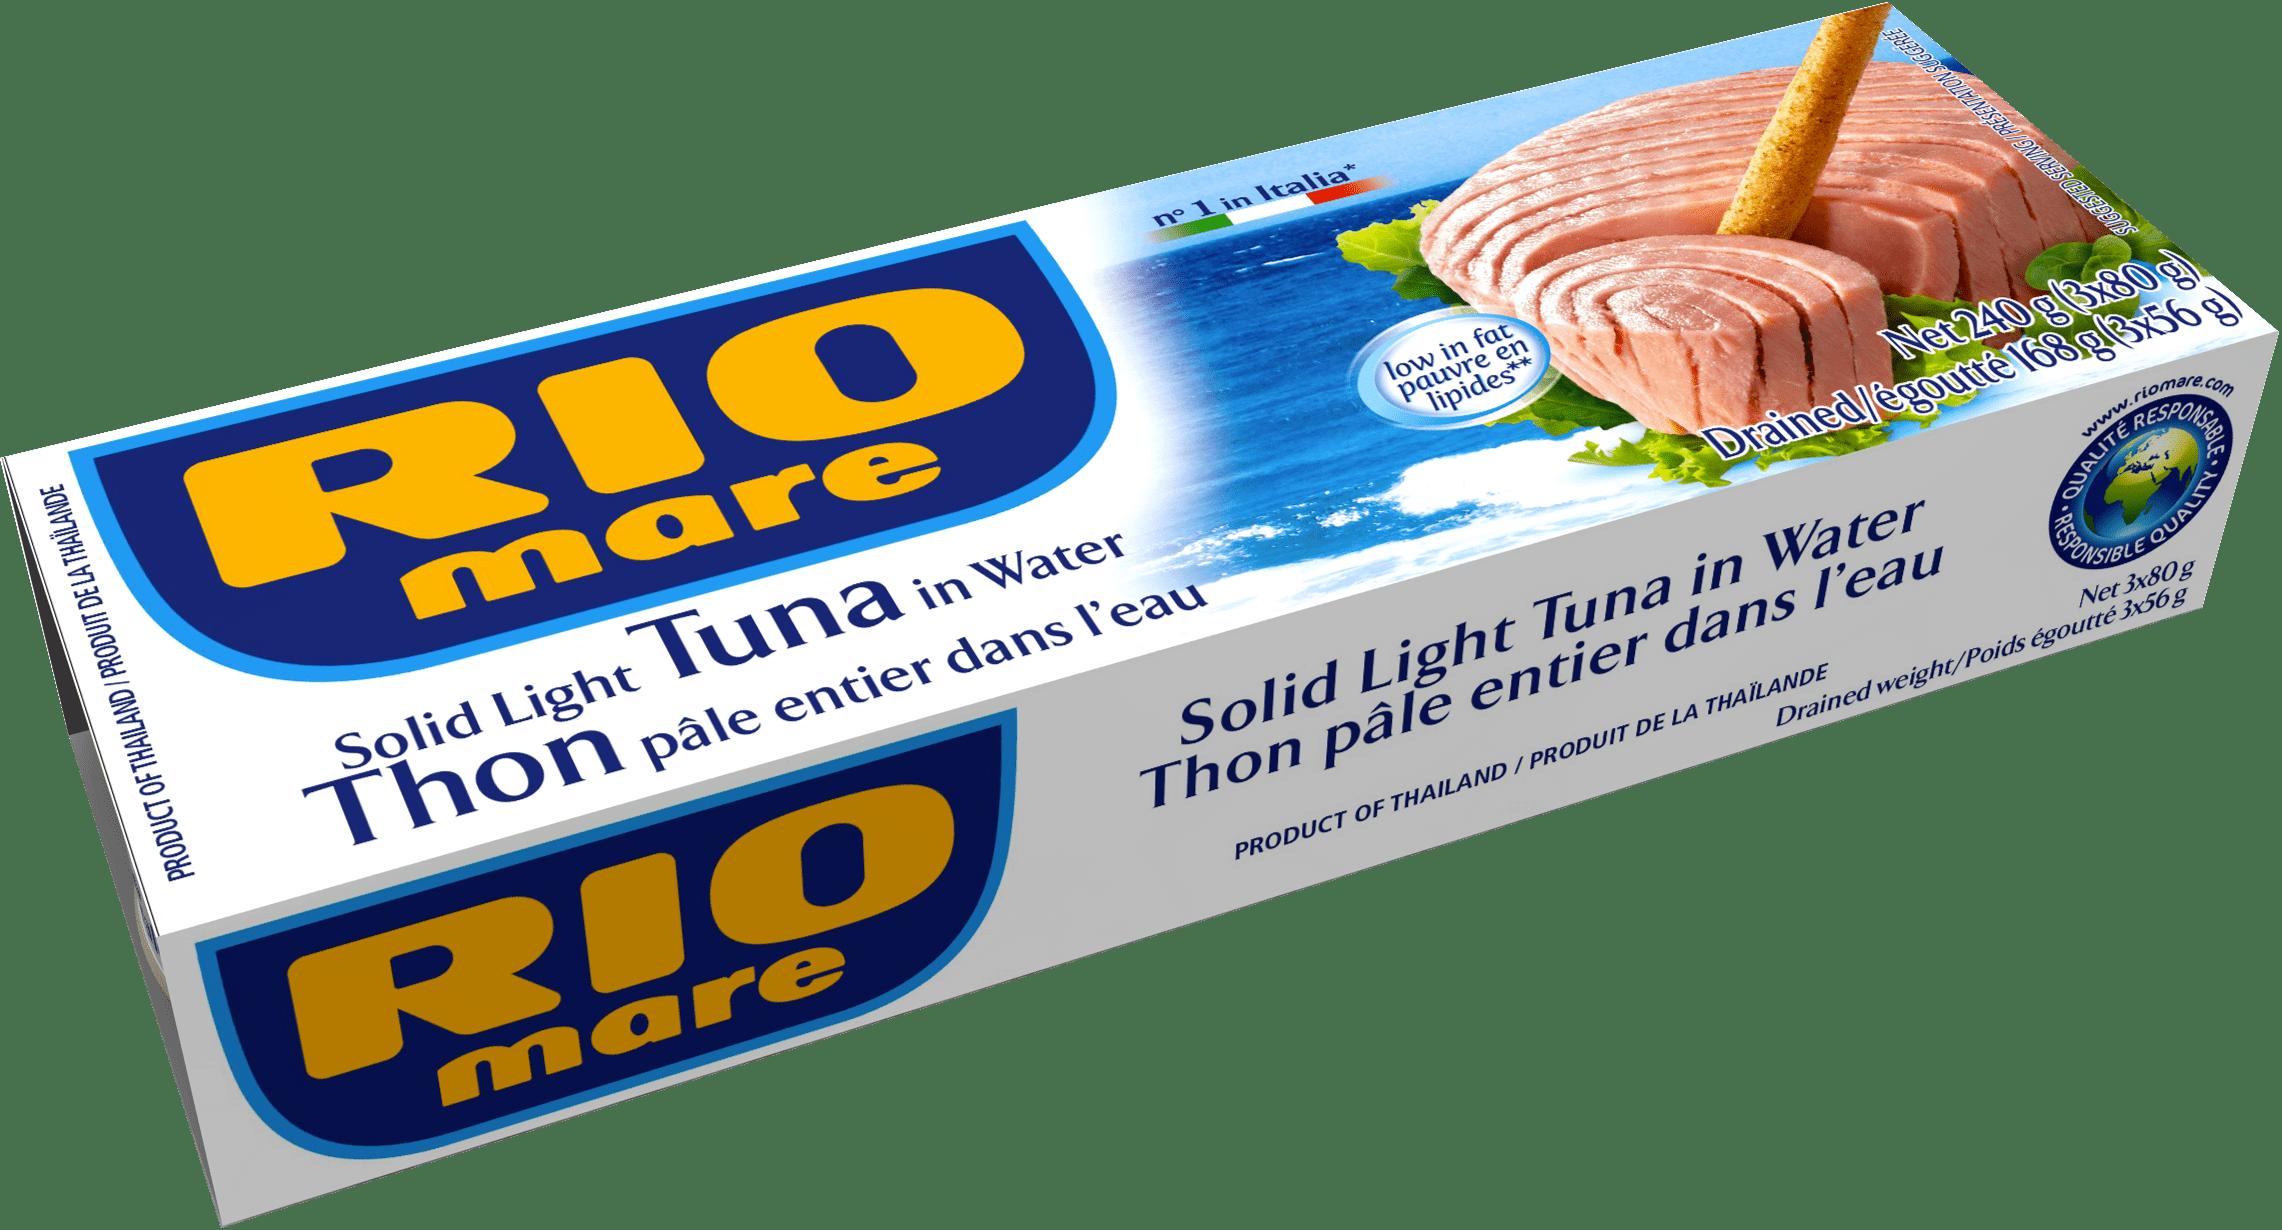 rio mare - Solid Light Tuna in Water